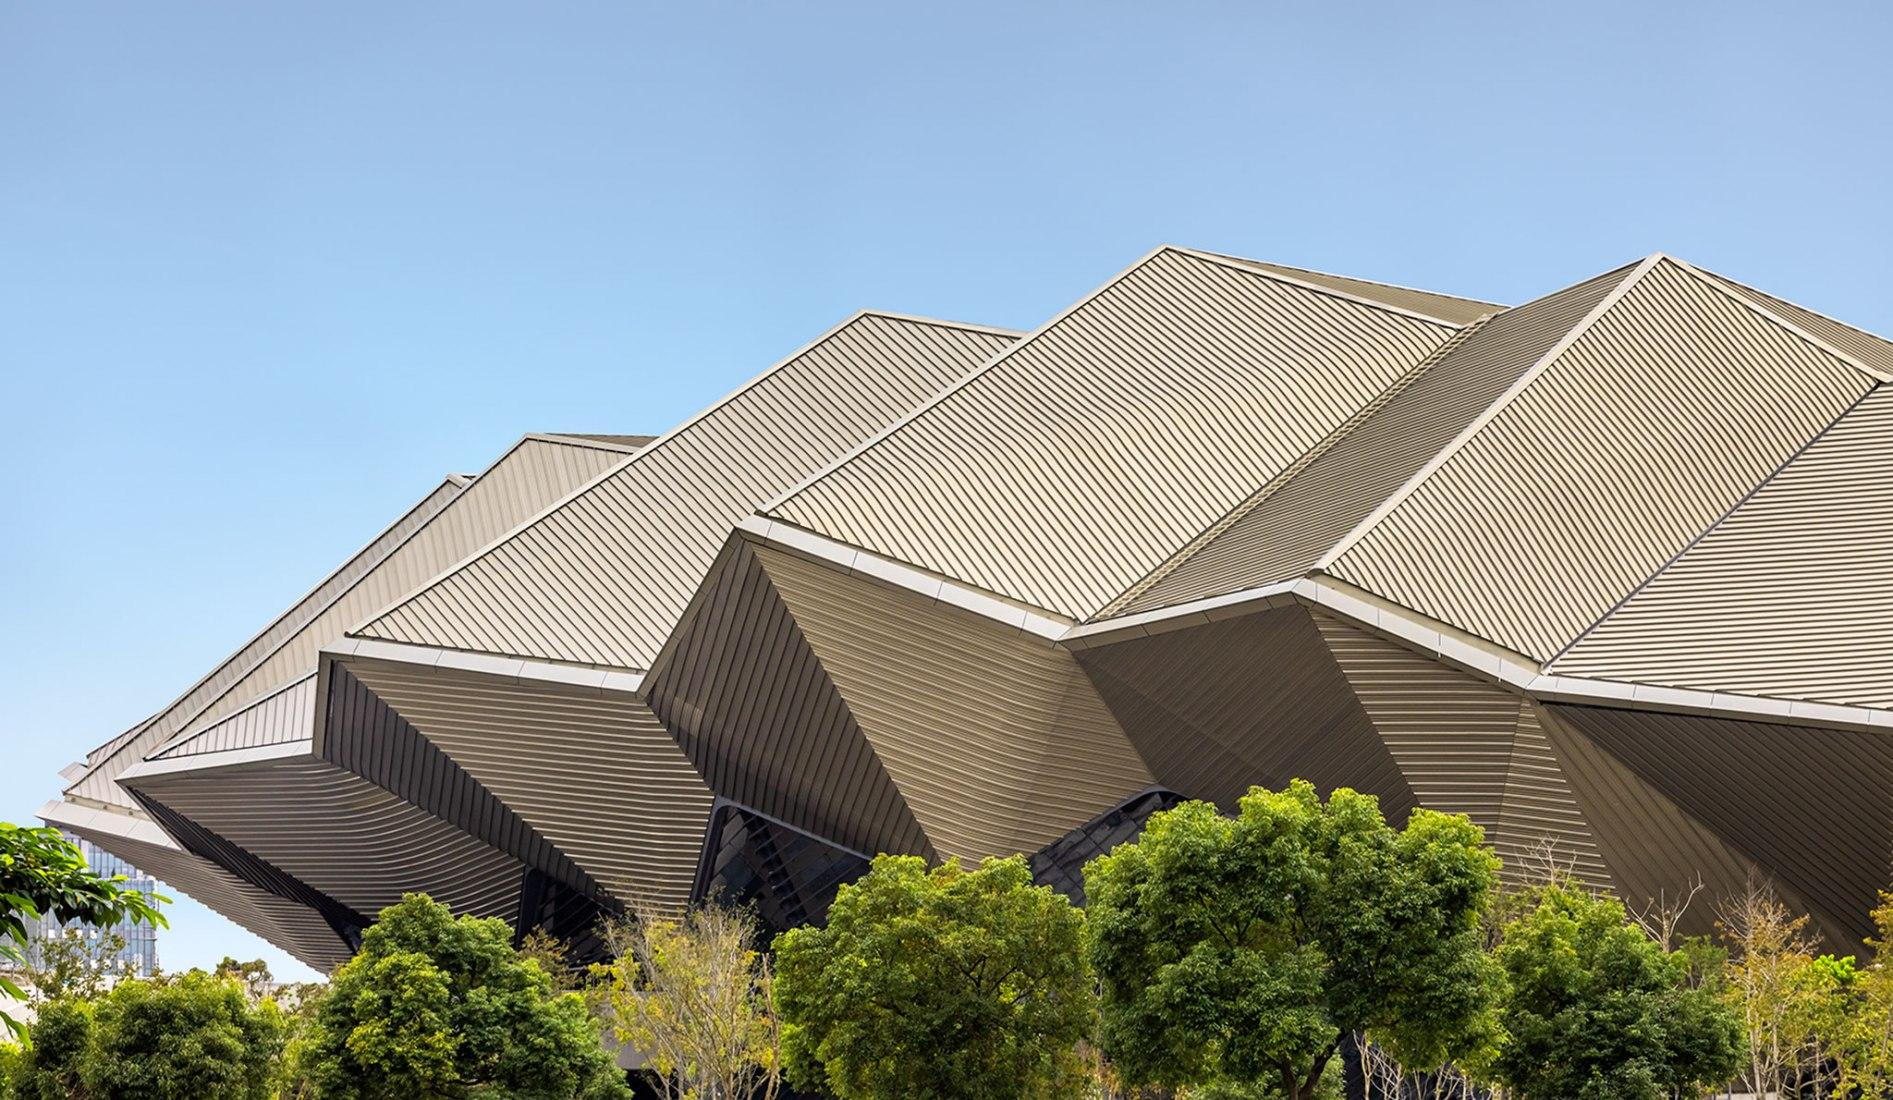 Centro de Música de Taipei por RUR Architecture DPC. Fotografía por Yana Zhezhela & Alek Vatagin, Fei & Cheng Associates